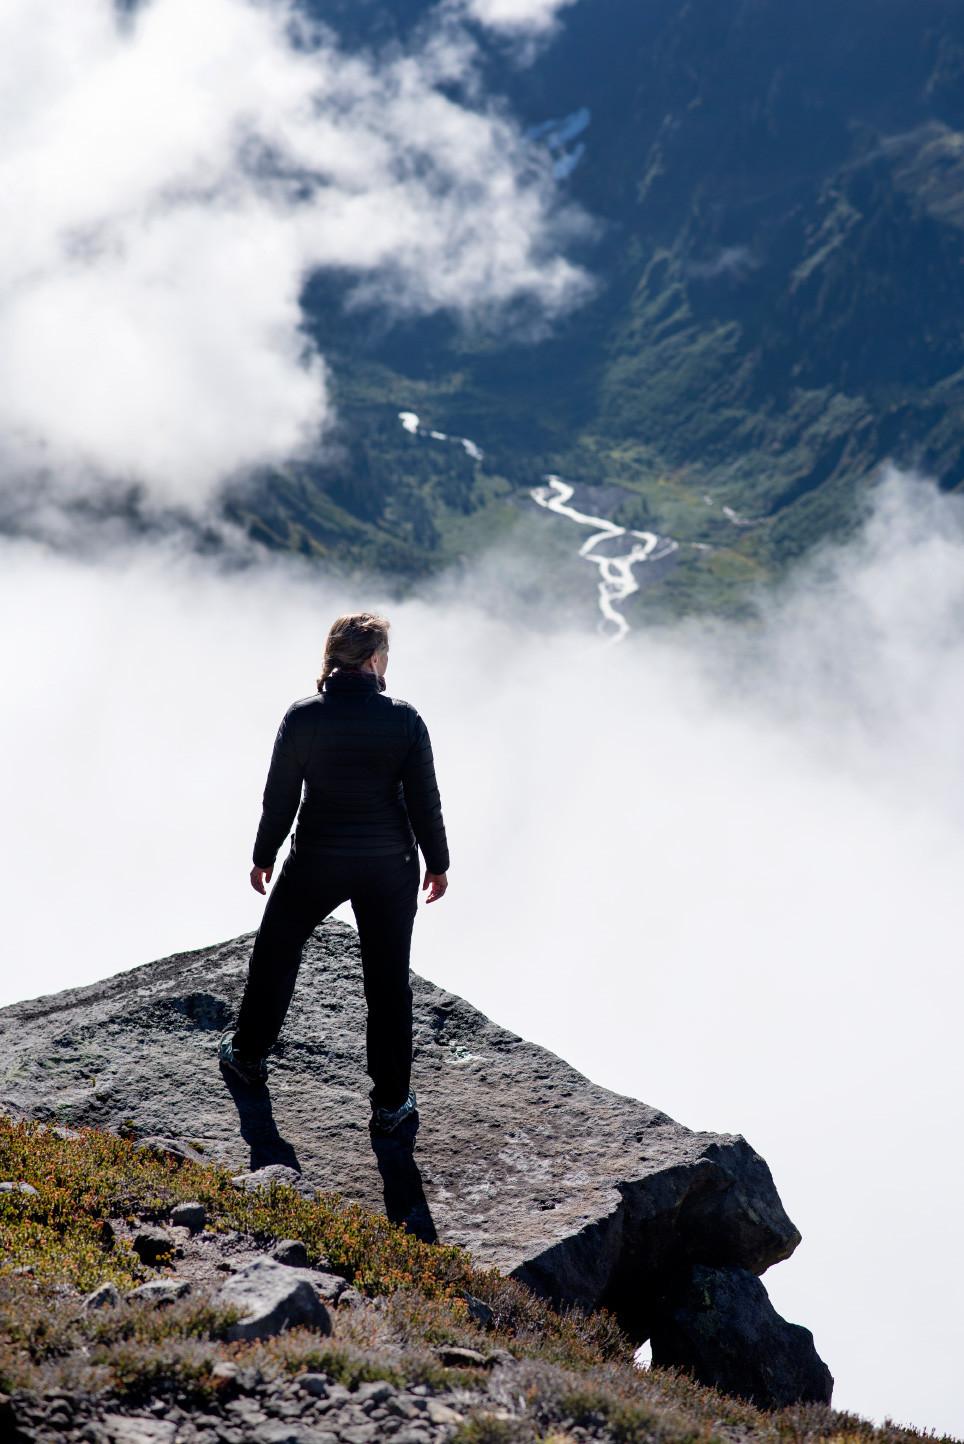 Megan on rock precipice with valley below